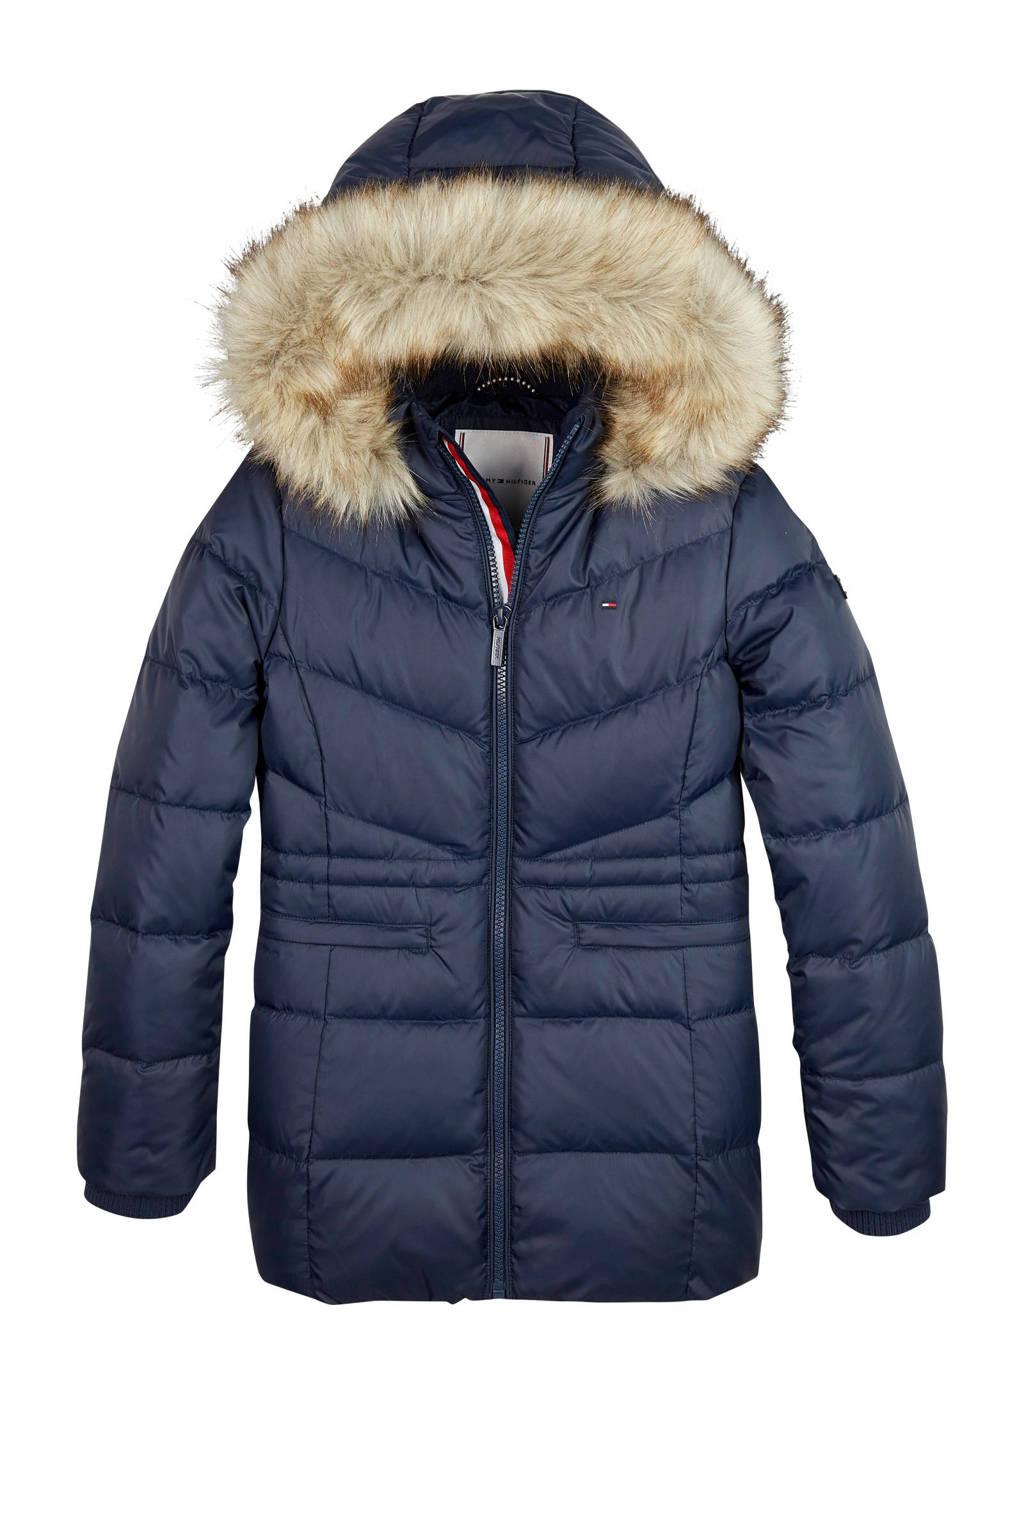 Tommy Hilfiger winterjas met dons en imitatie bontrand donkerblauw, Donkerblauw